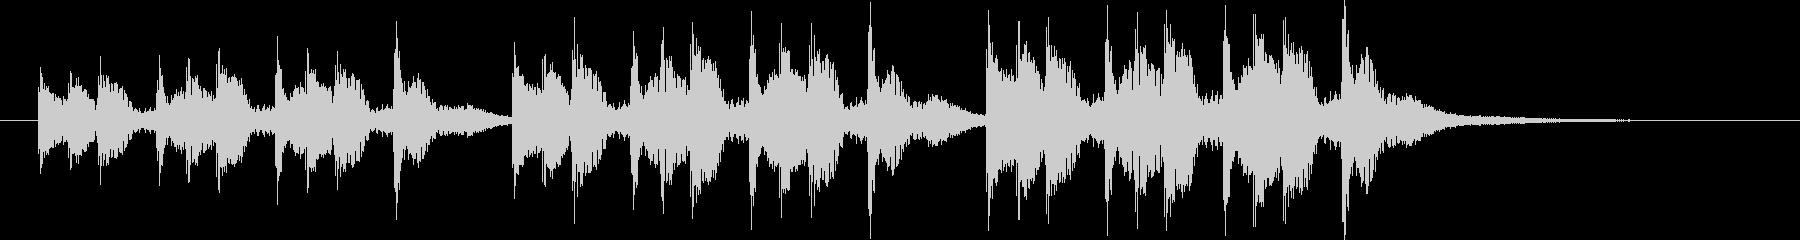 三本締め(一本締め×3)の未再生の波形